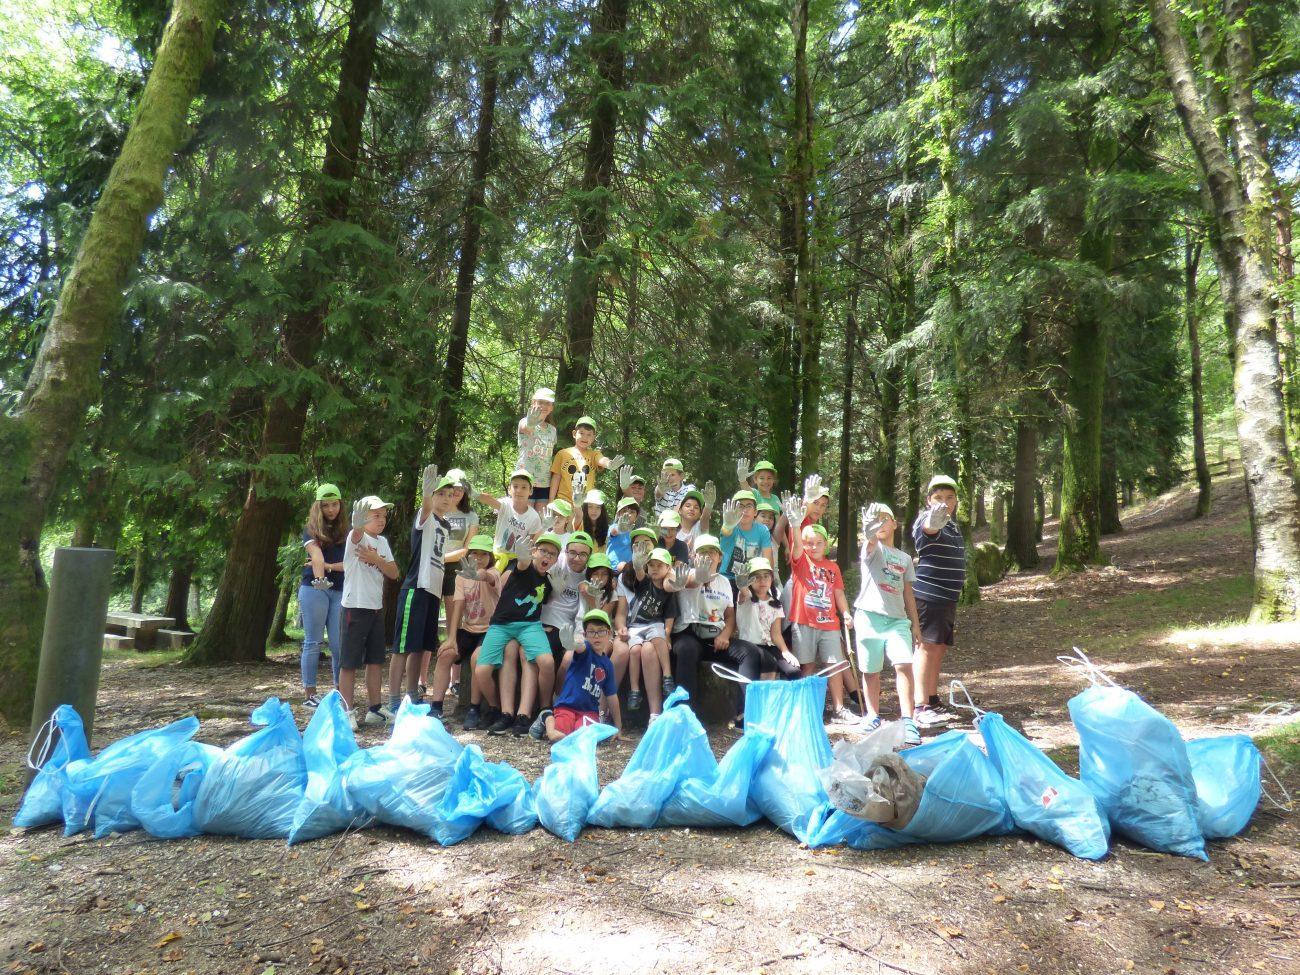 AMARES - Acção de Limpeza no Parque dos Quatro Caminhos em Amares